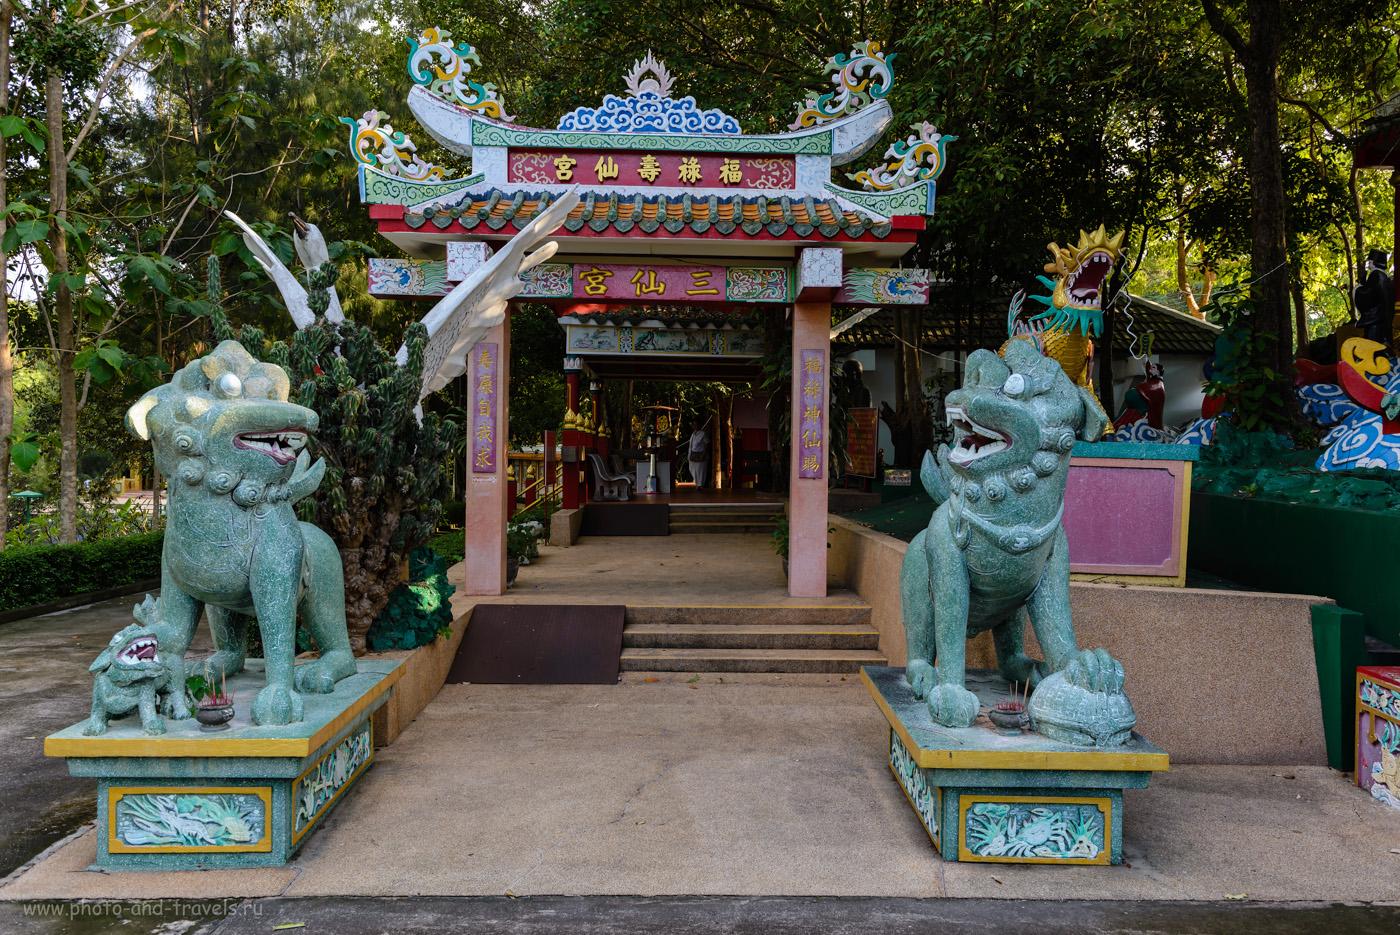 Фотография 5. Китайские львы в Таиланде. Рассказ об экскурсии на холм Большого Будды. Прогулка по парку Wang Sam Sien. 1/60, -0.33, 8.0, 280, 28.